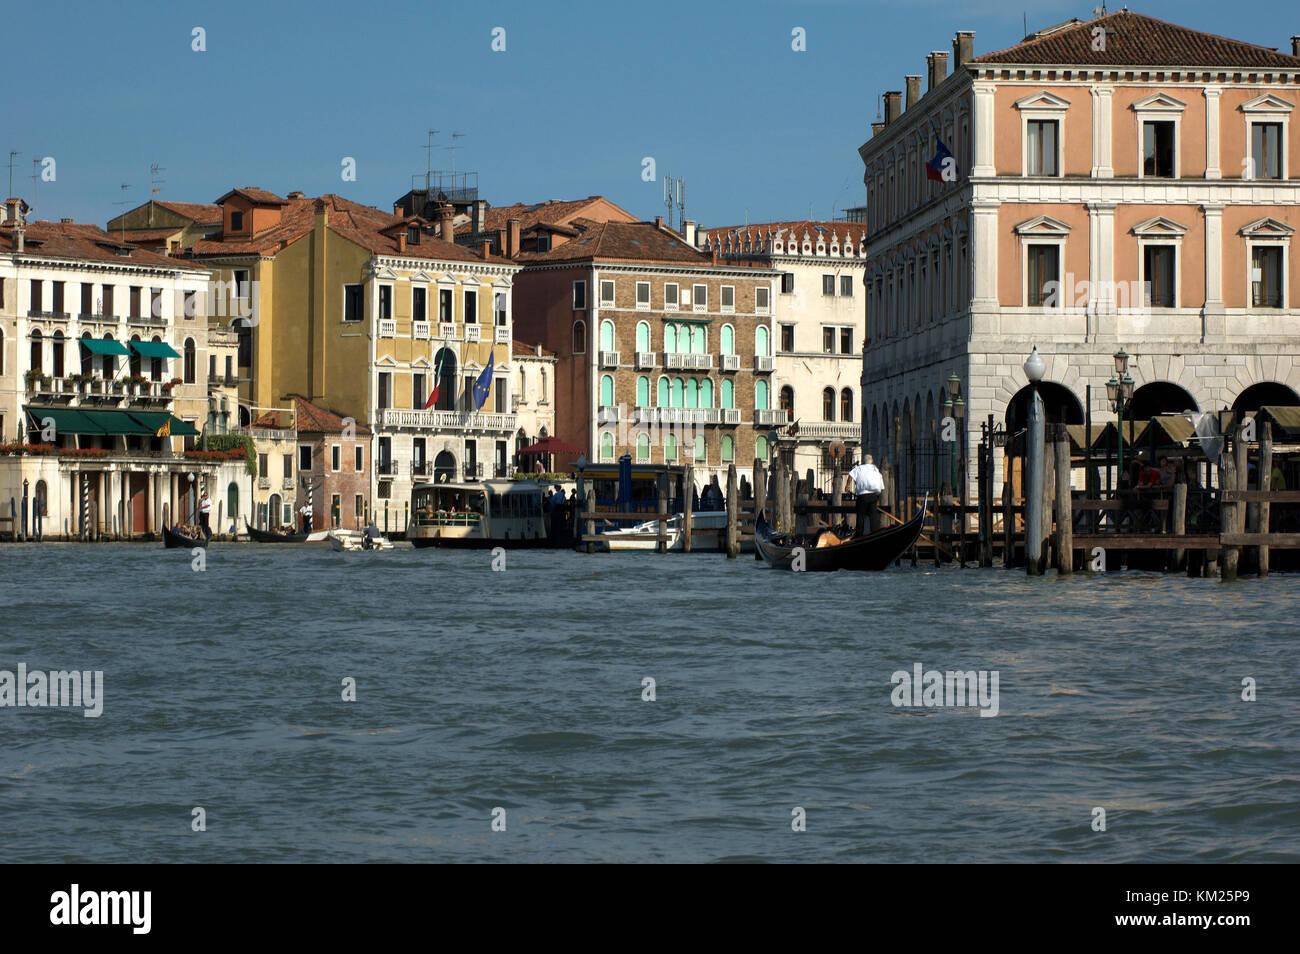 Il famoso Canal Grande di Venezia Immagini Stock